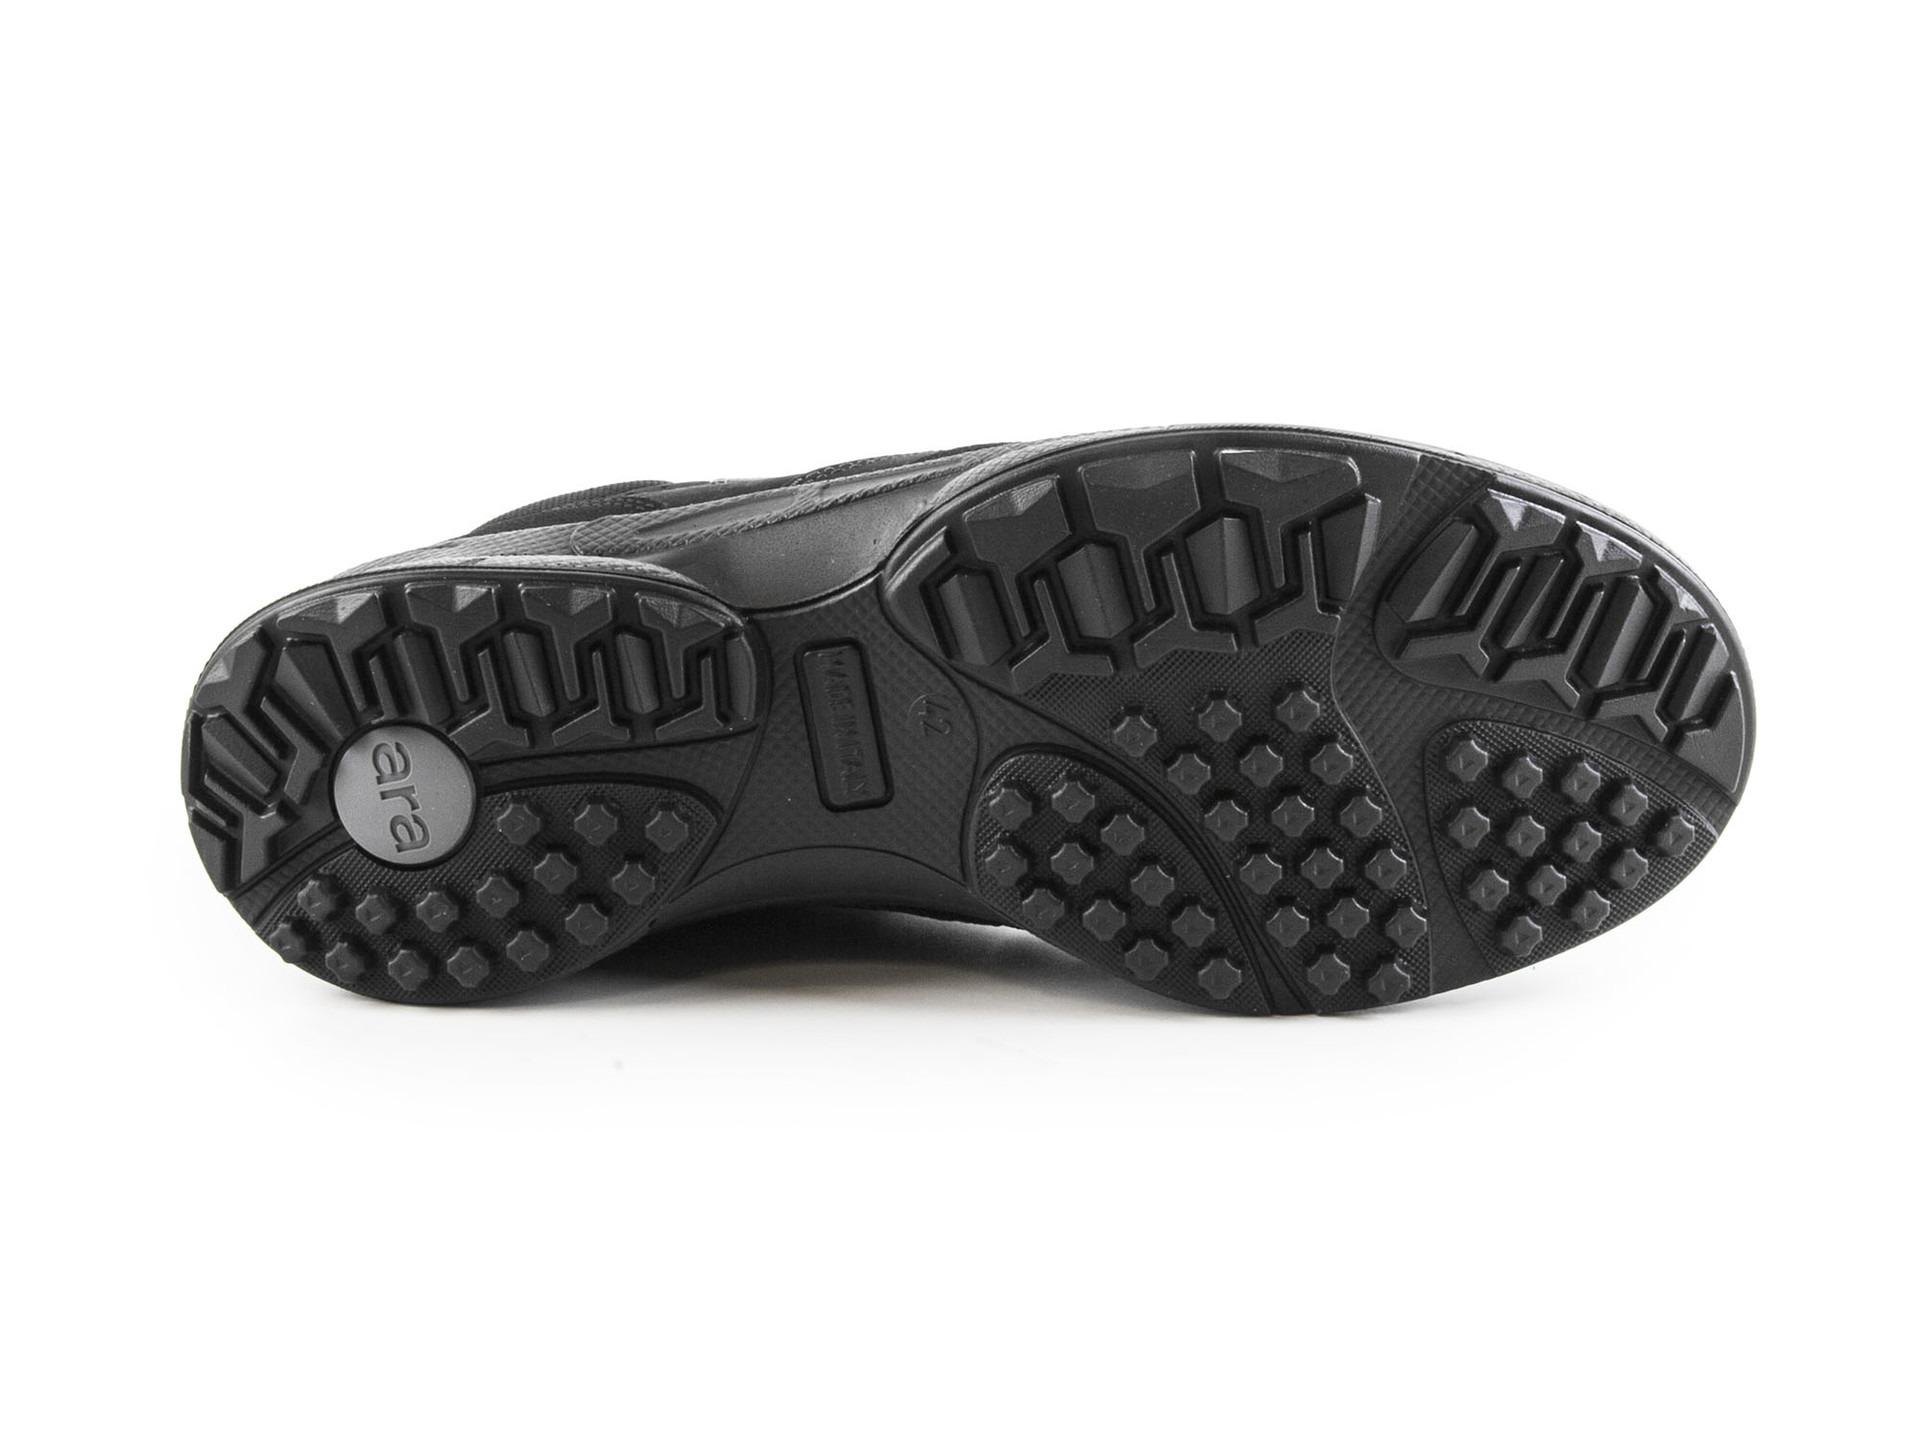 ARA - Zimná - Ara men pánska Gore-texová obuv 7a919296f98